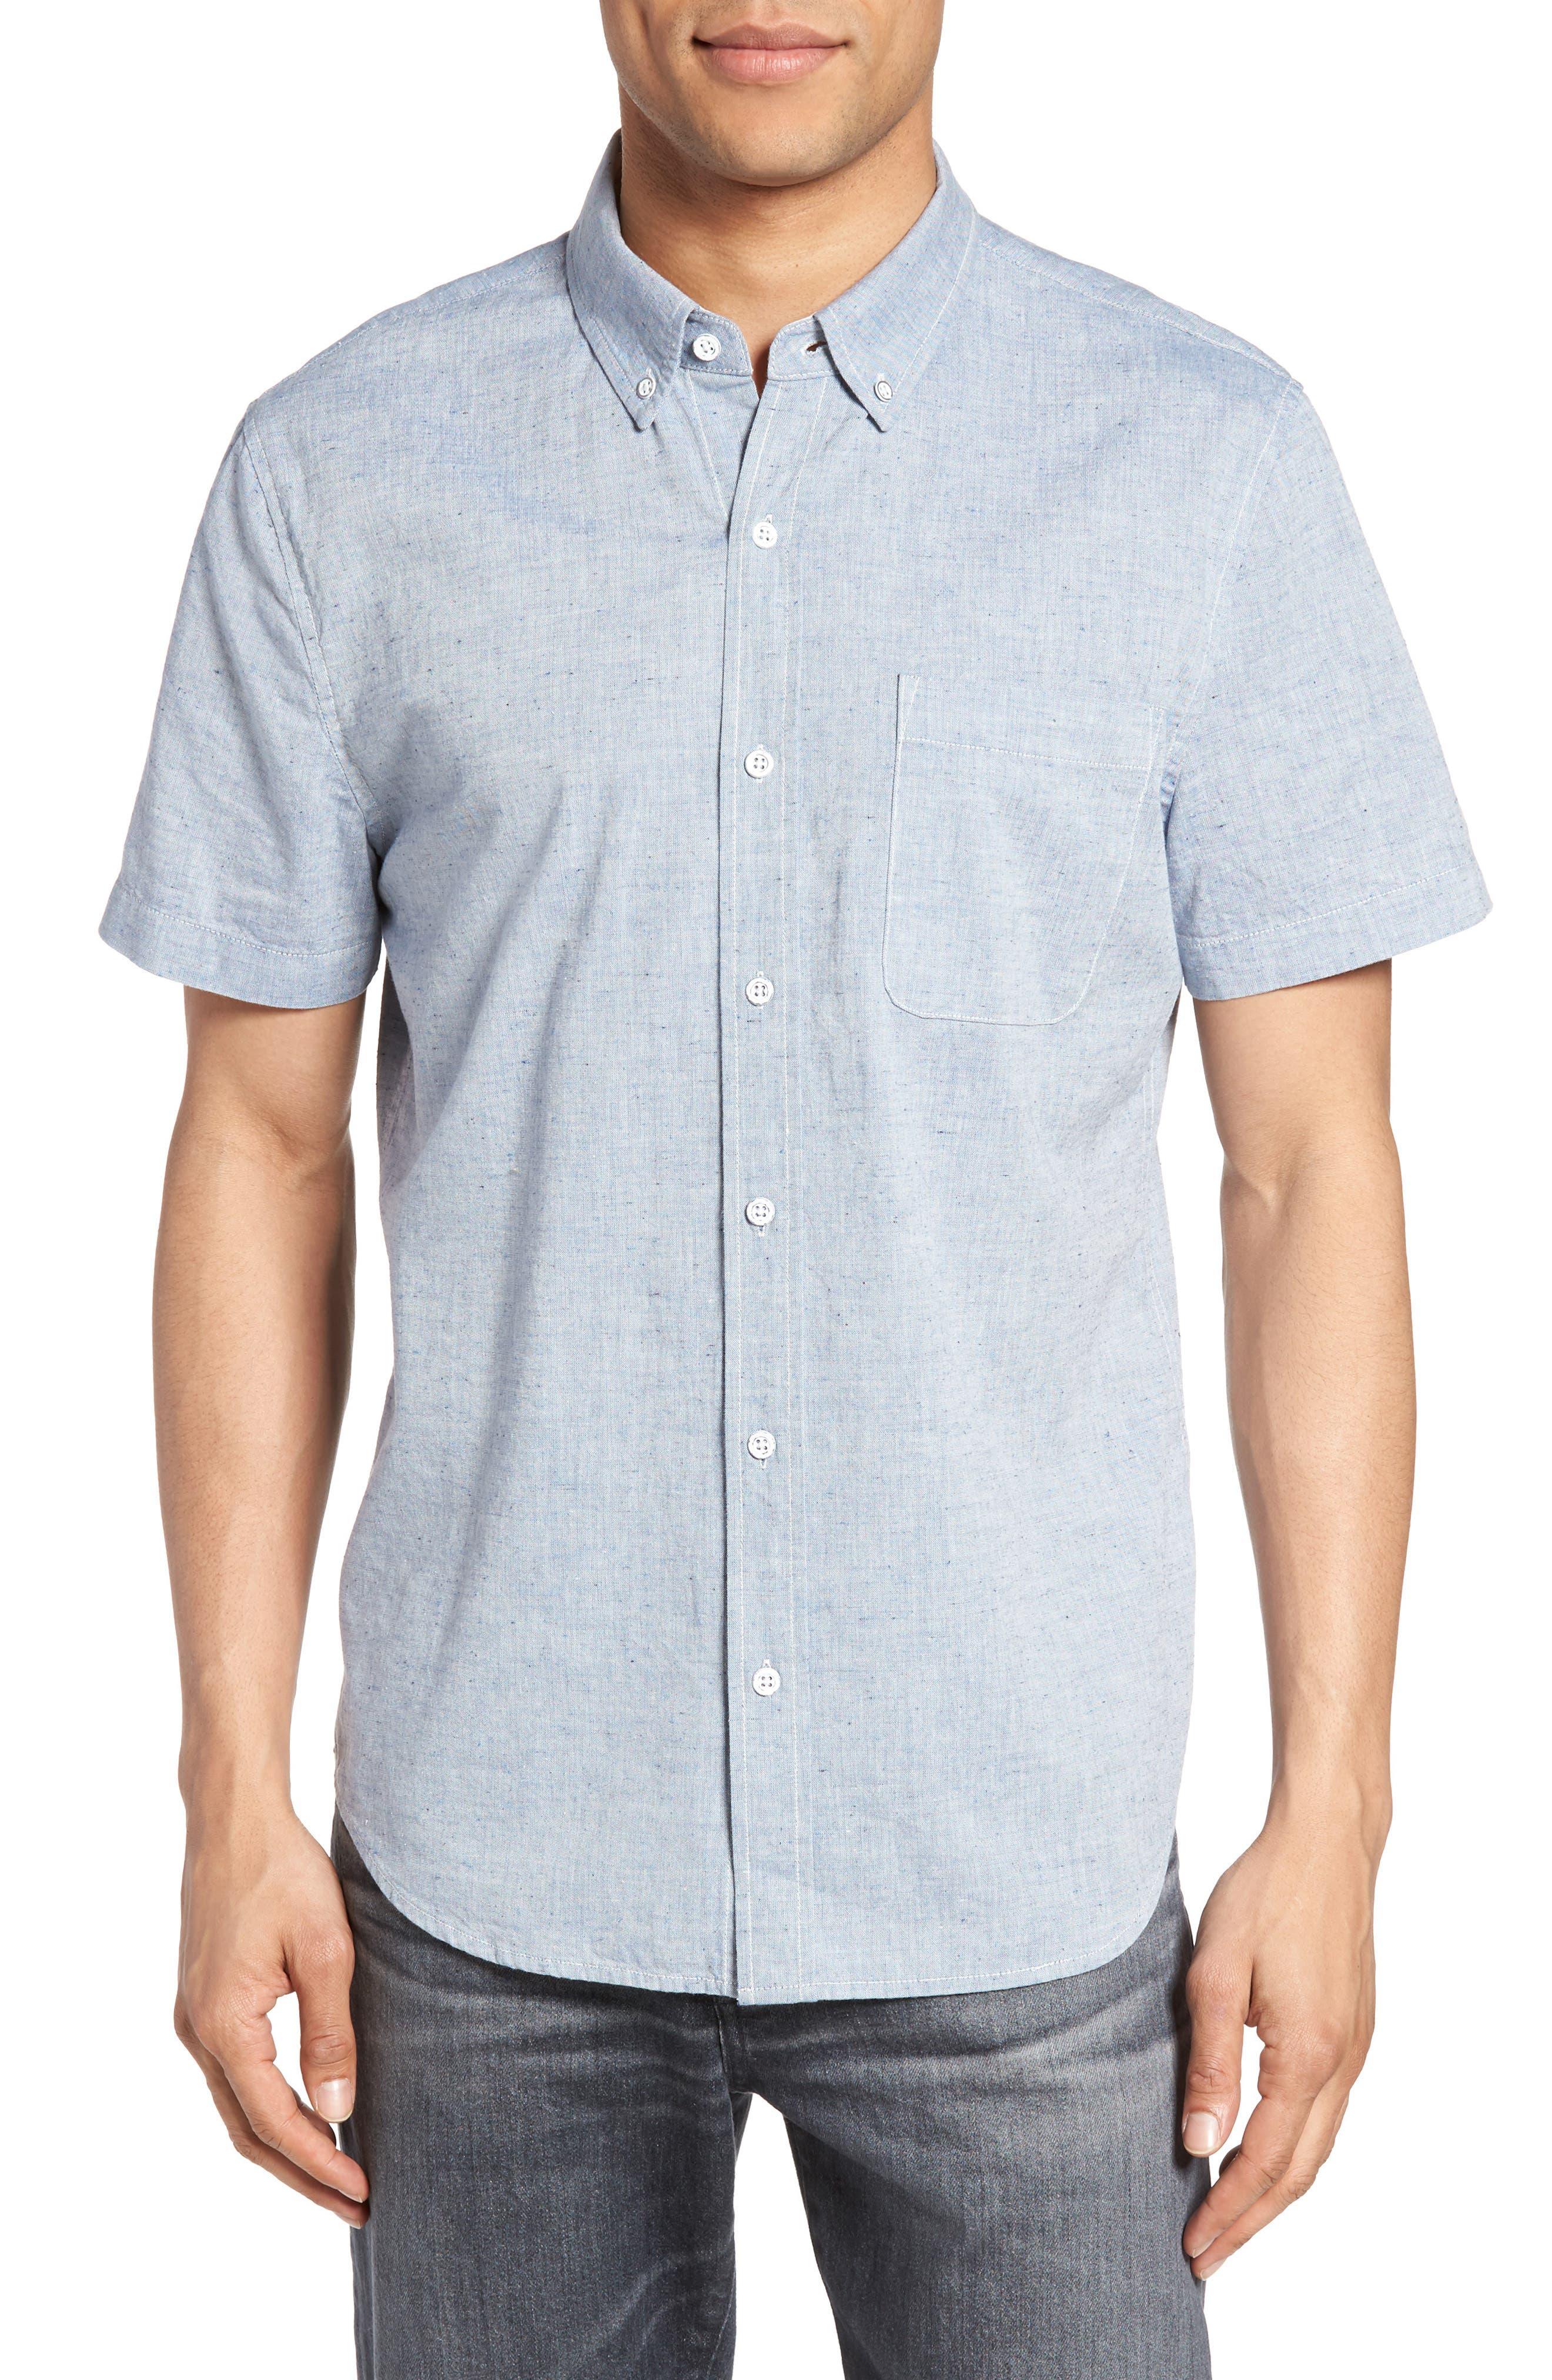 AG Nash Slub Cotton Shirt